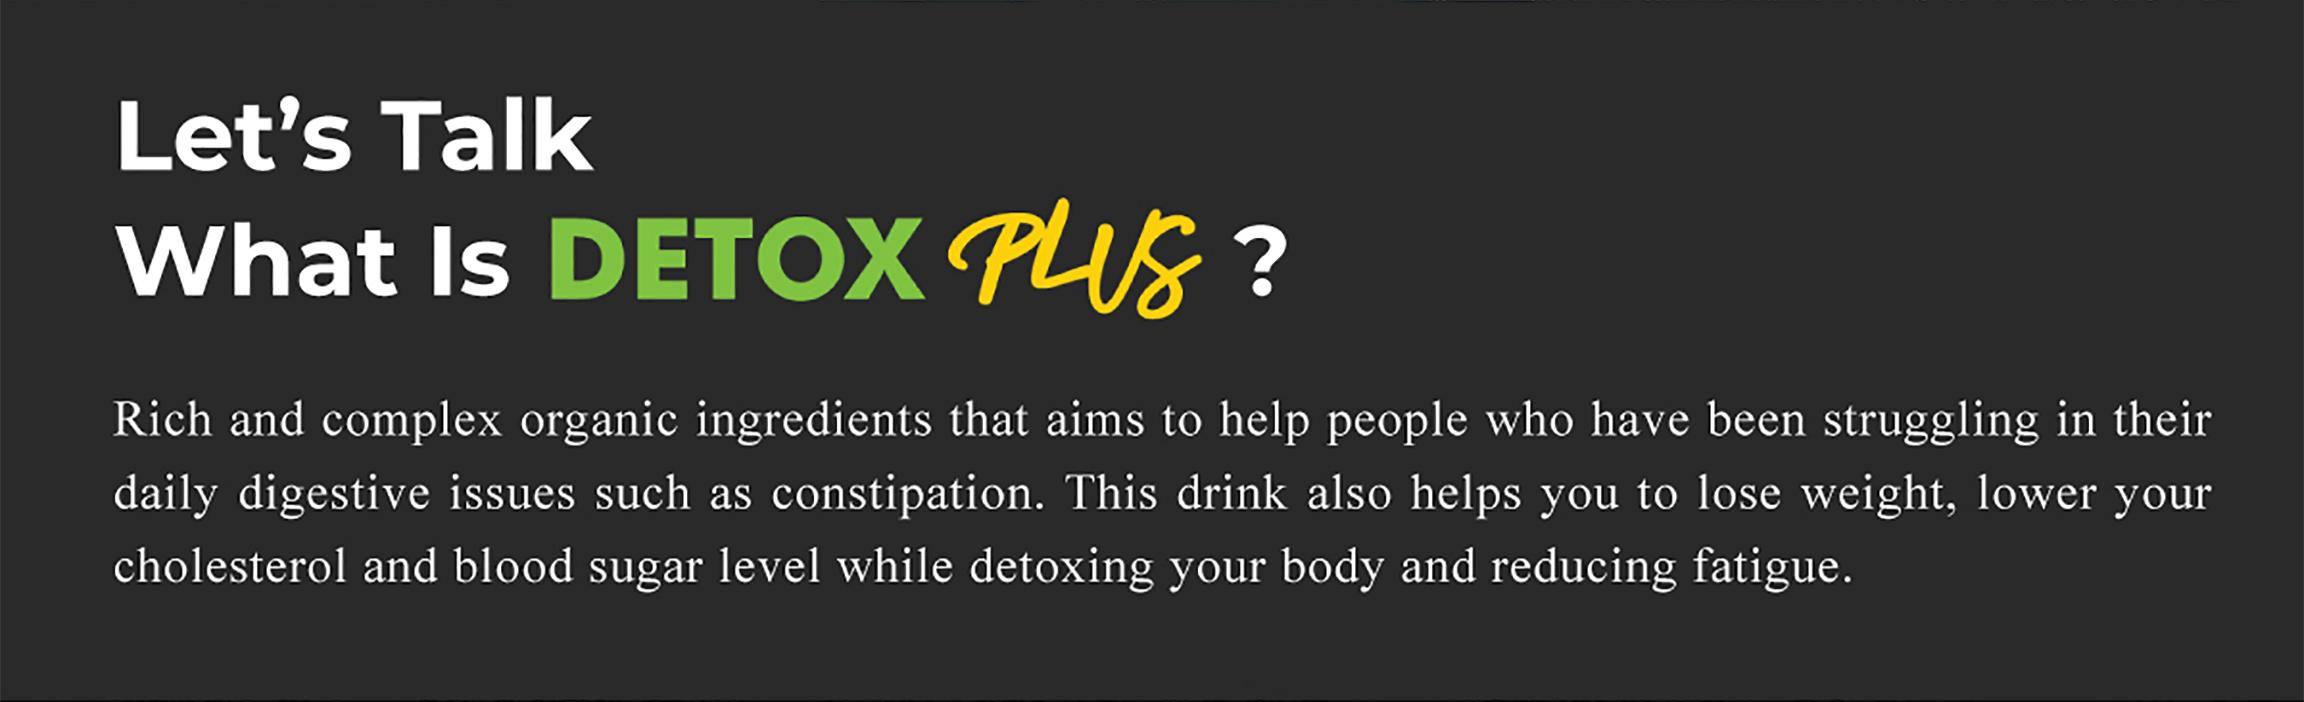 detox-intro